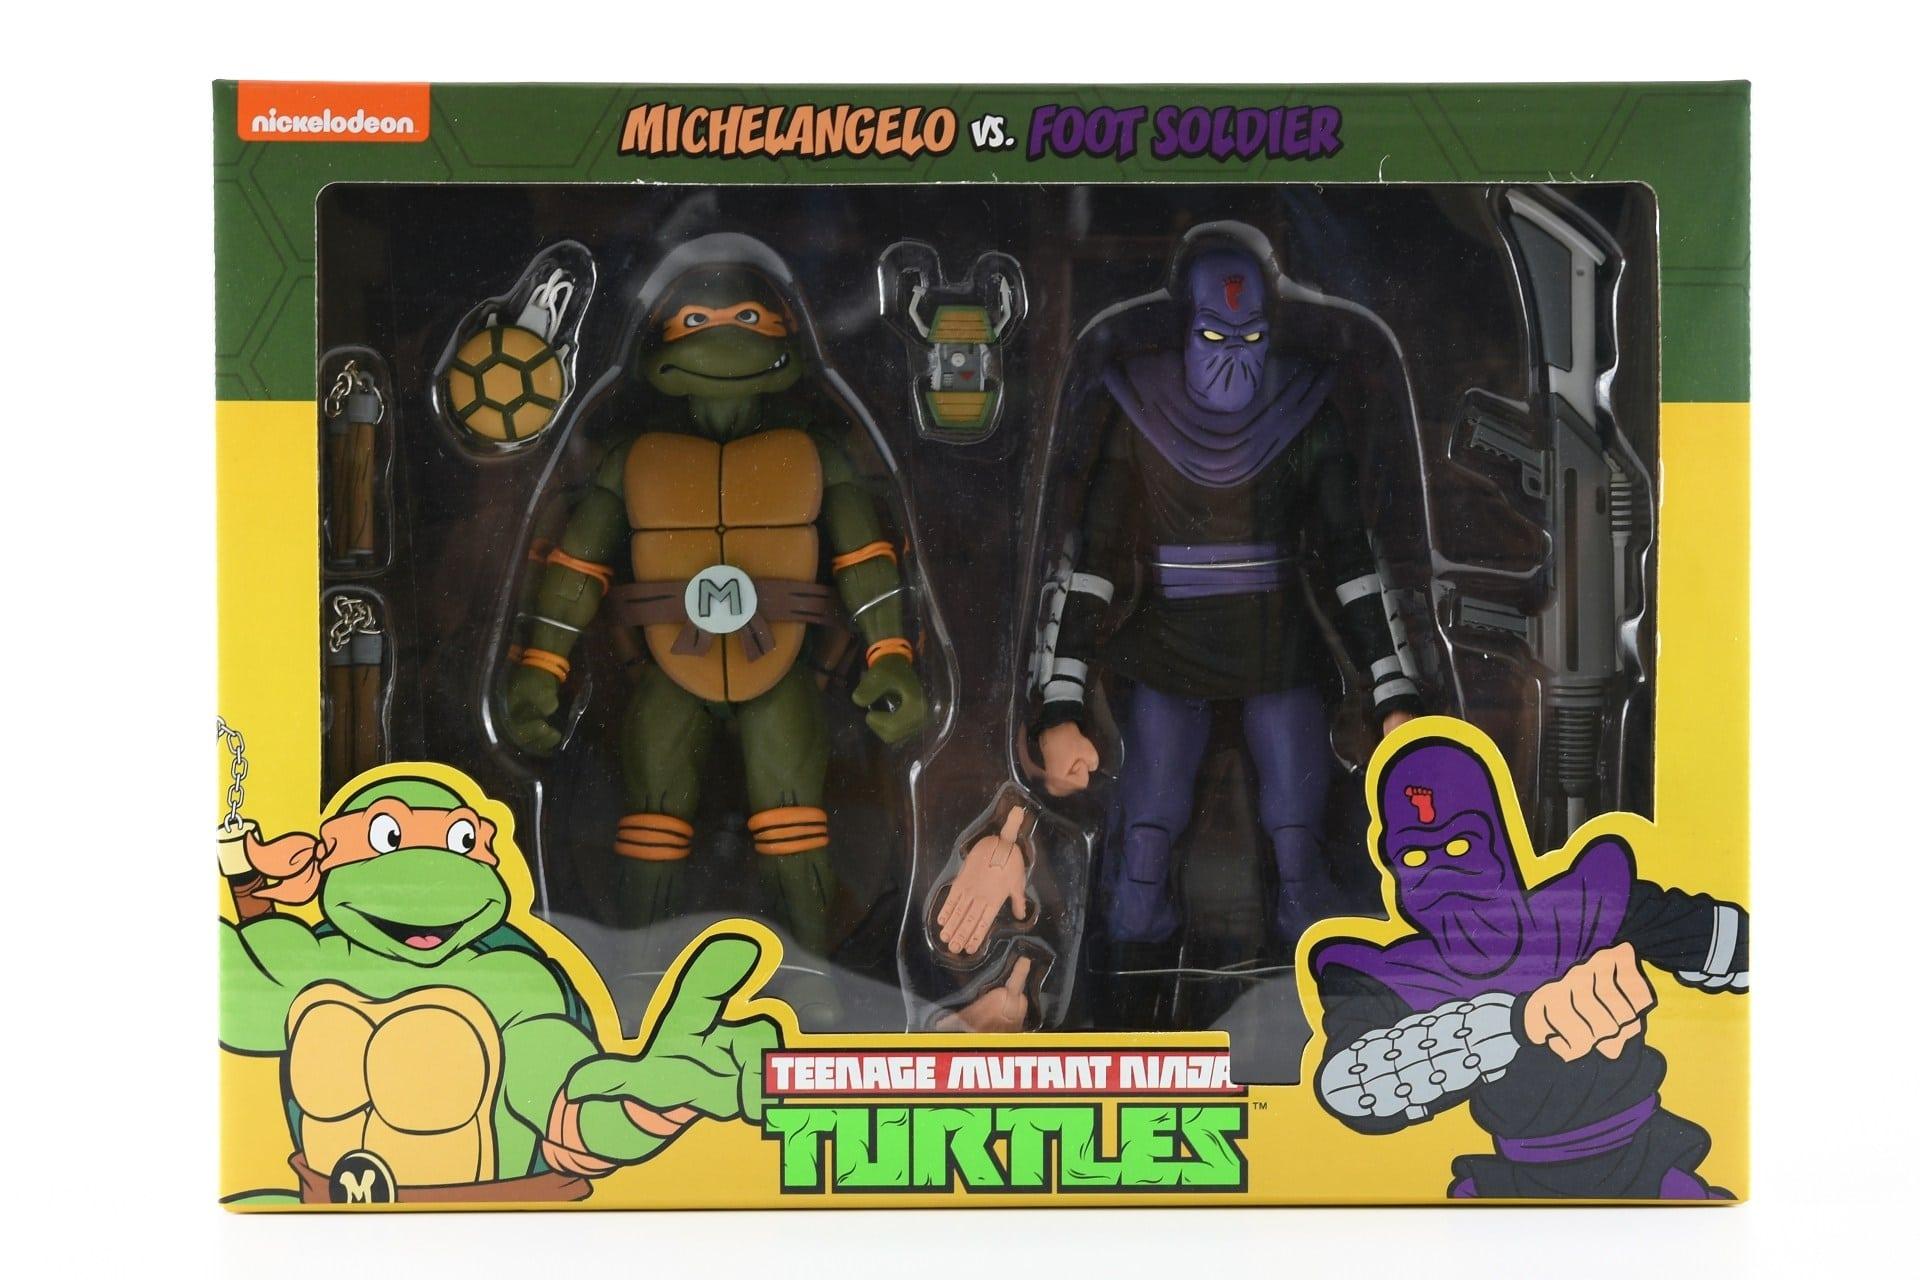 Michelangelo vs. Foot Soldier (2019 action figures)